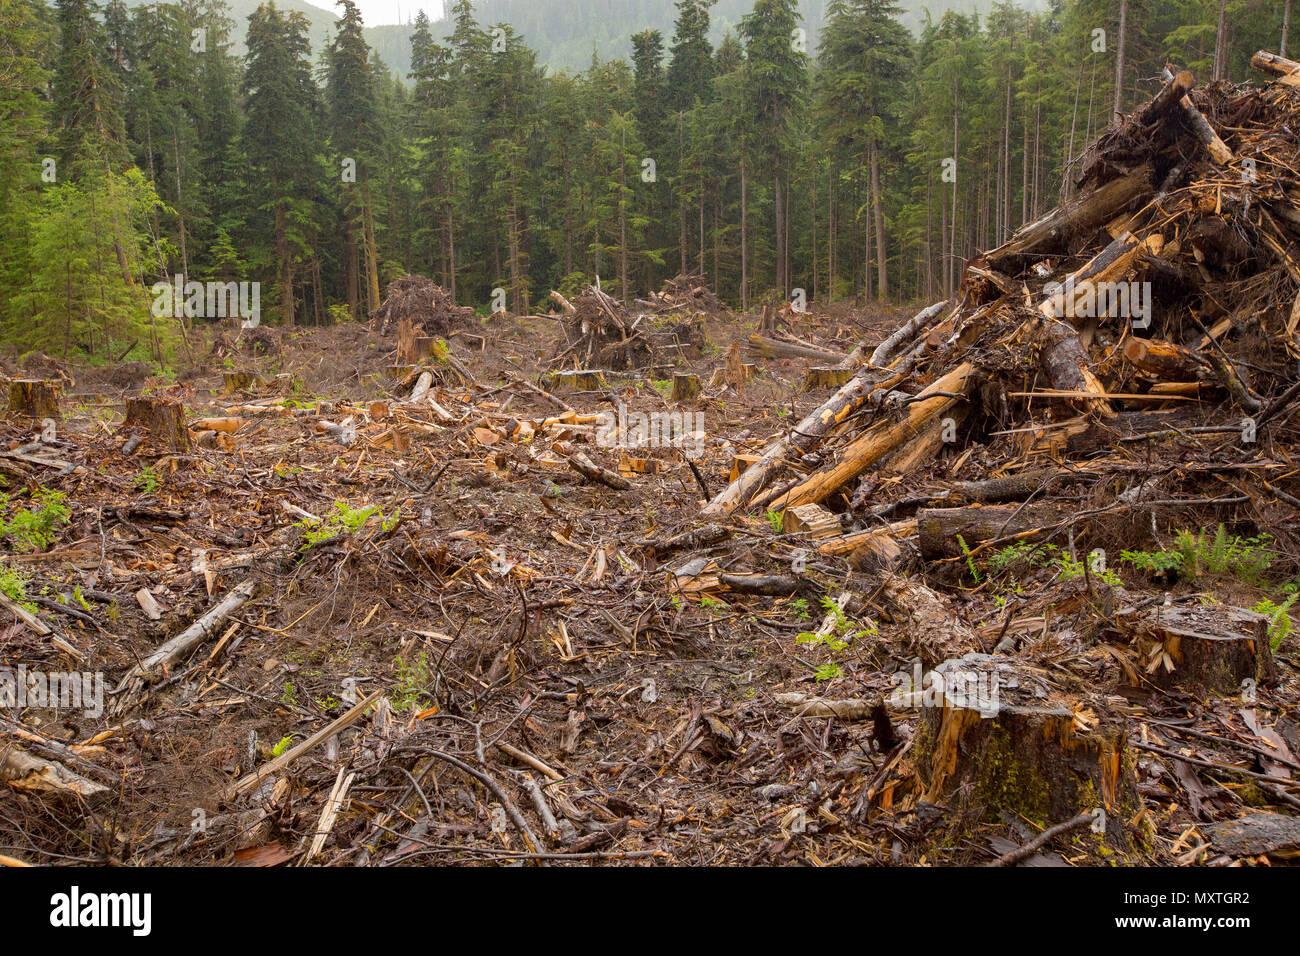 Registro de la deforestación en la isla de Vancouver. Claro árboles. British Columbia, Canadá. Imagen De Stock